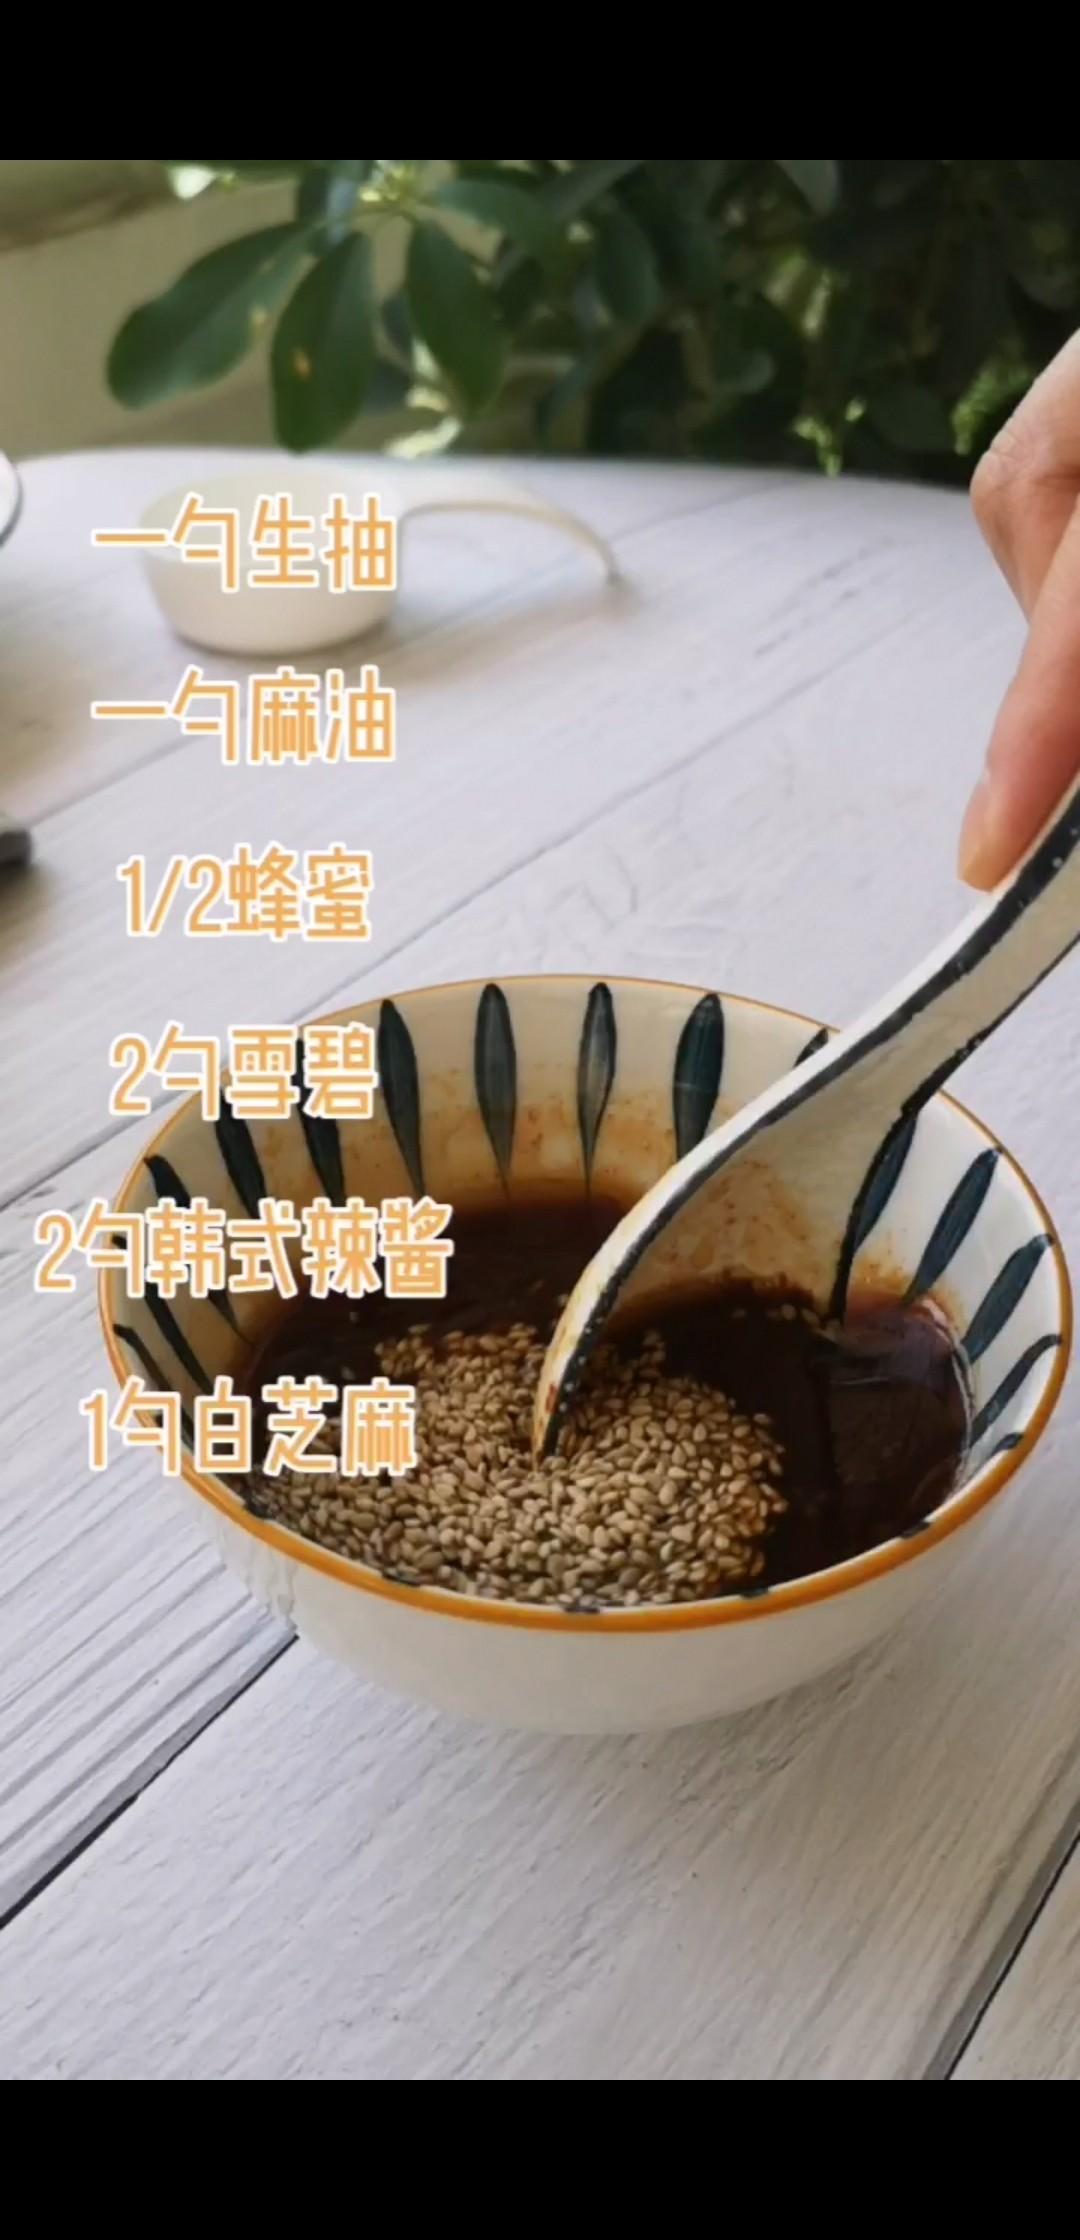 杂粮韩式拌饭的家常做法